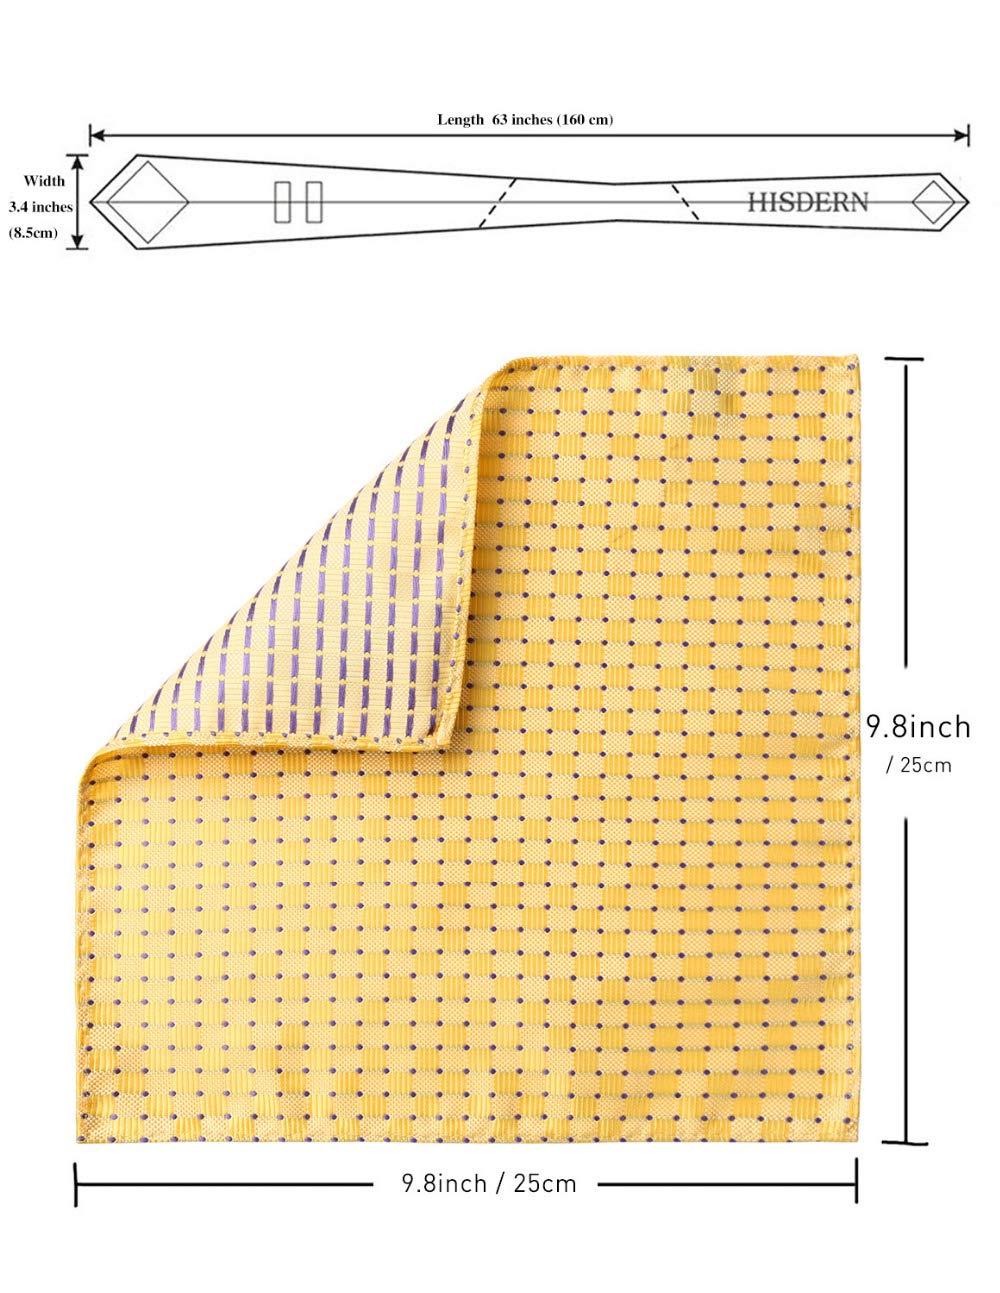 Graven Men Tie Pocket Square Classic Party Wedding 3.4 Silk Fashion Mens Extra Long Tie XL Necktie Handkerchief Set #C0 Color: C014